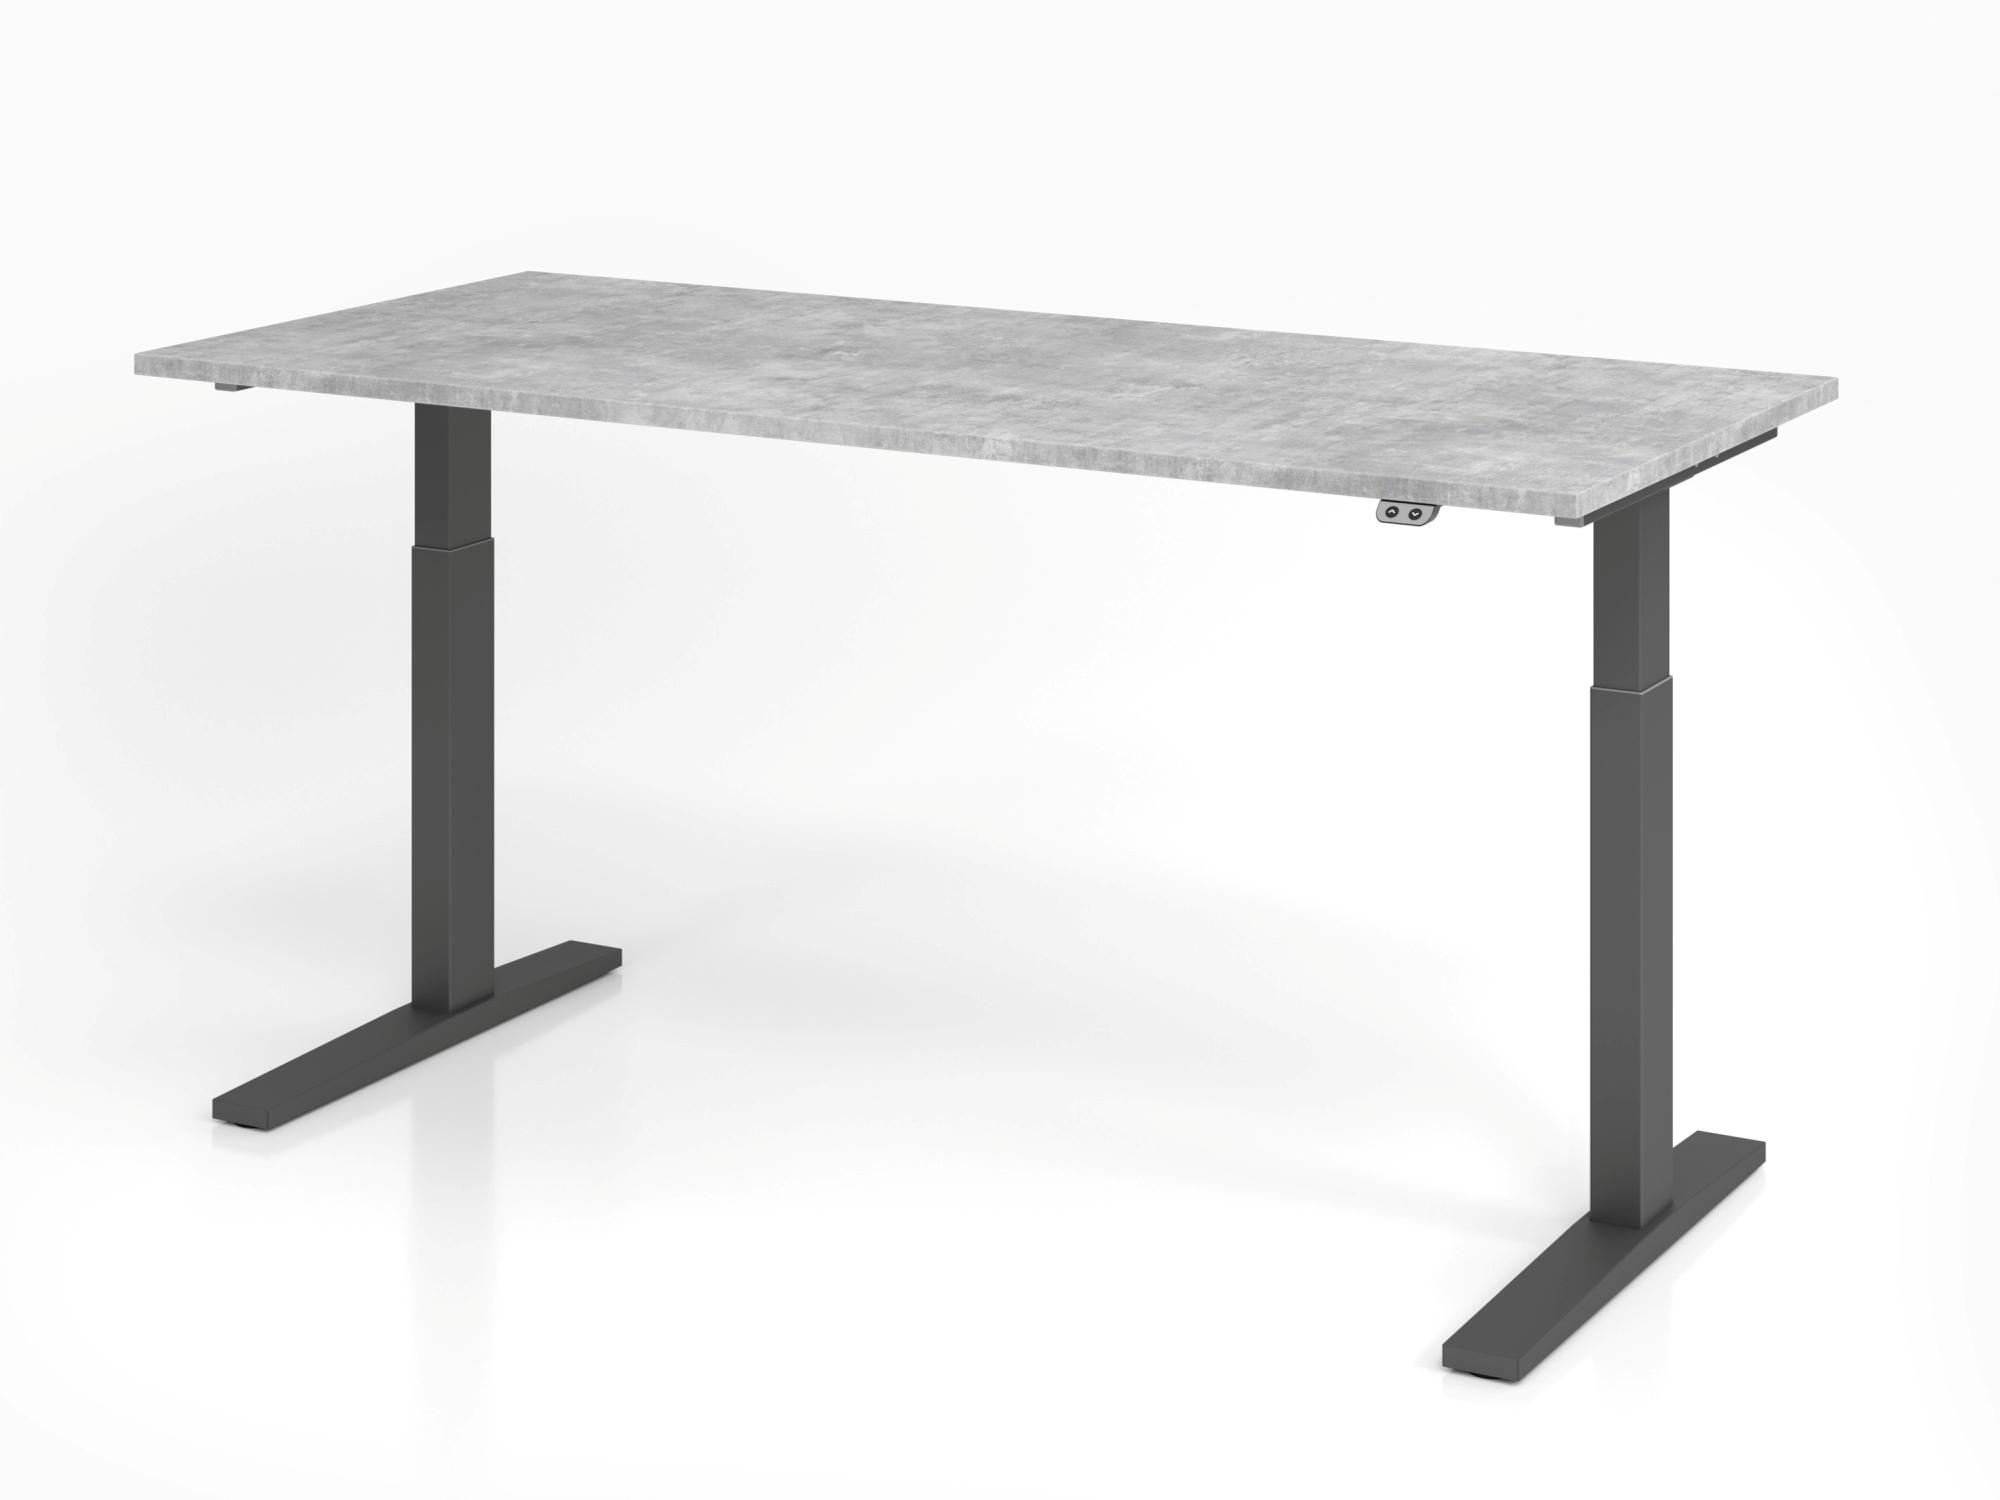 Sitz-Steh-Schreibtisch el. 180x80cm Beton